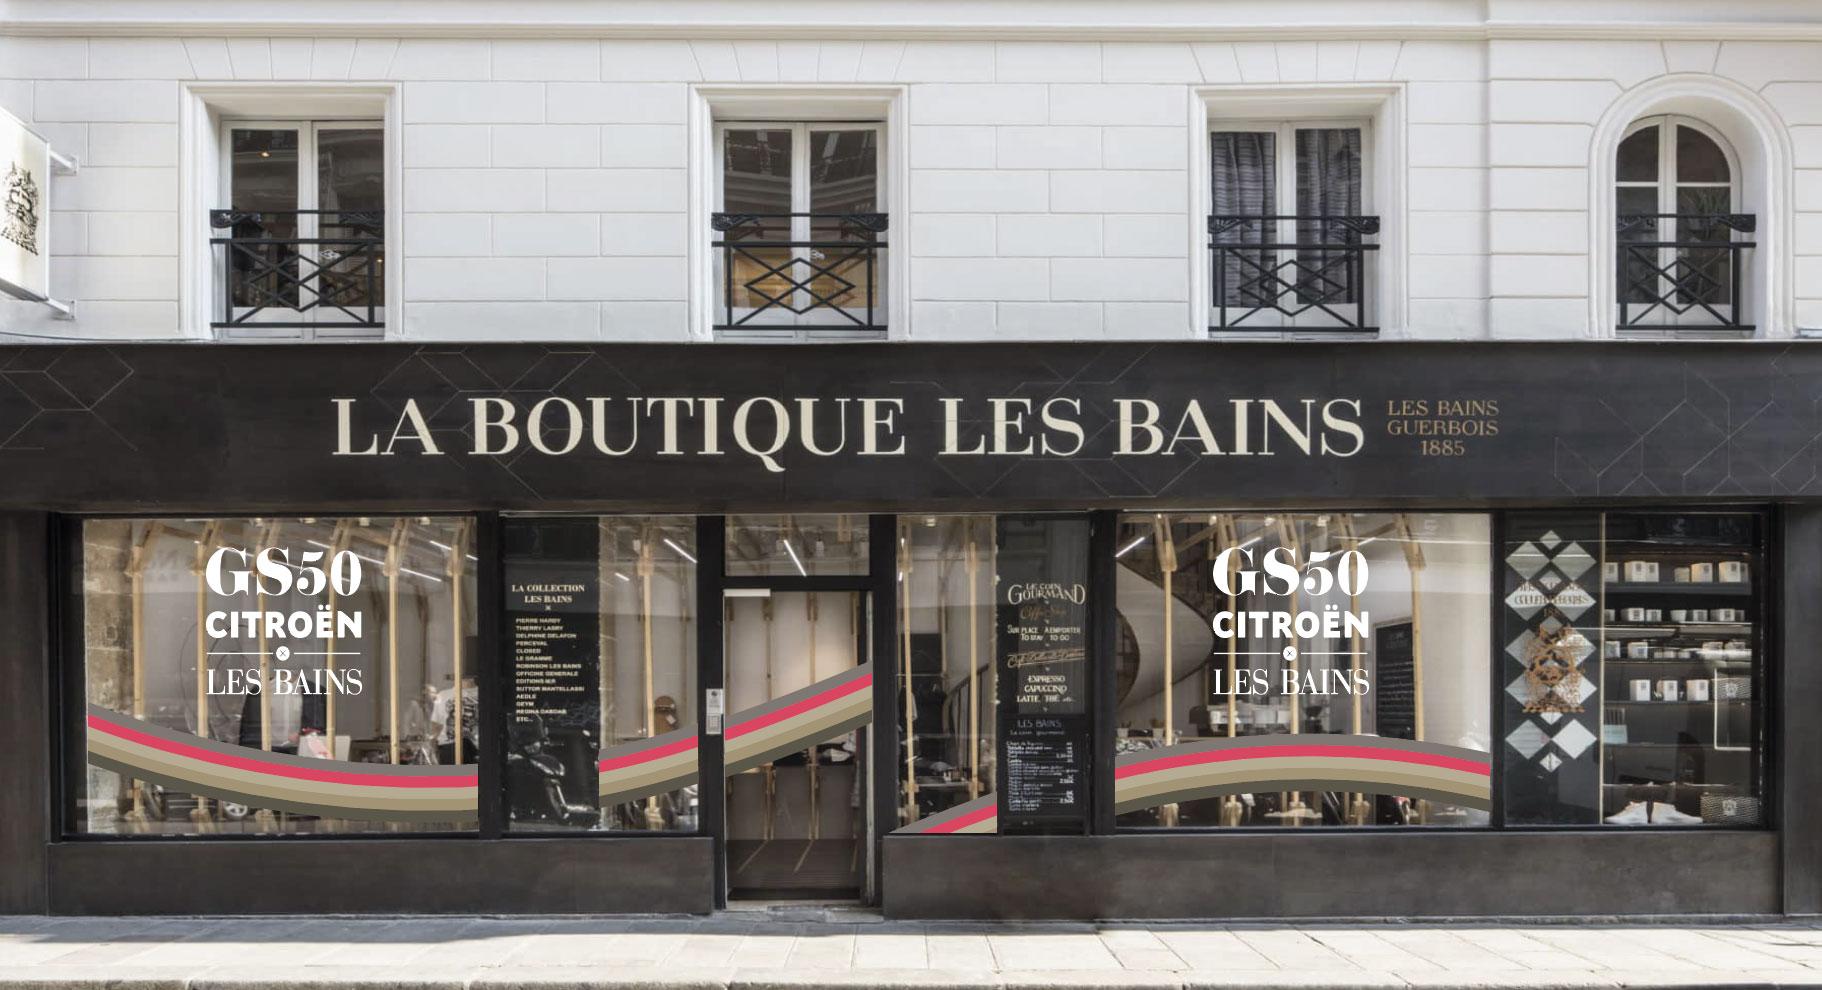 ville-anonyme-GS-50ans-les-bains-tristan-auer-vitrine-2-2020